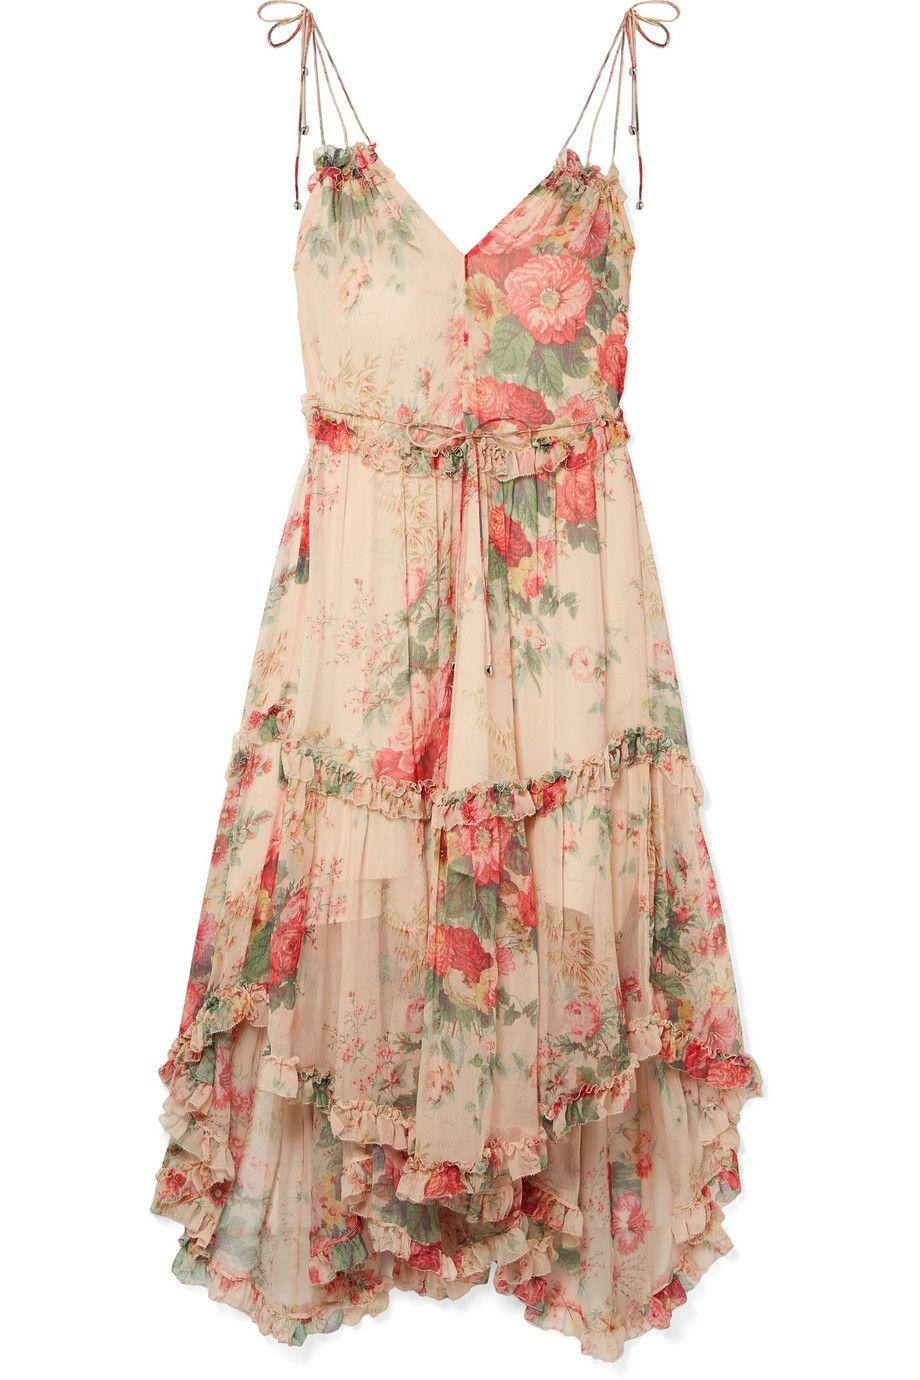 Laelia floral-print silk dress Zimmermann Ox7Q5CqIz